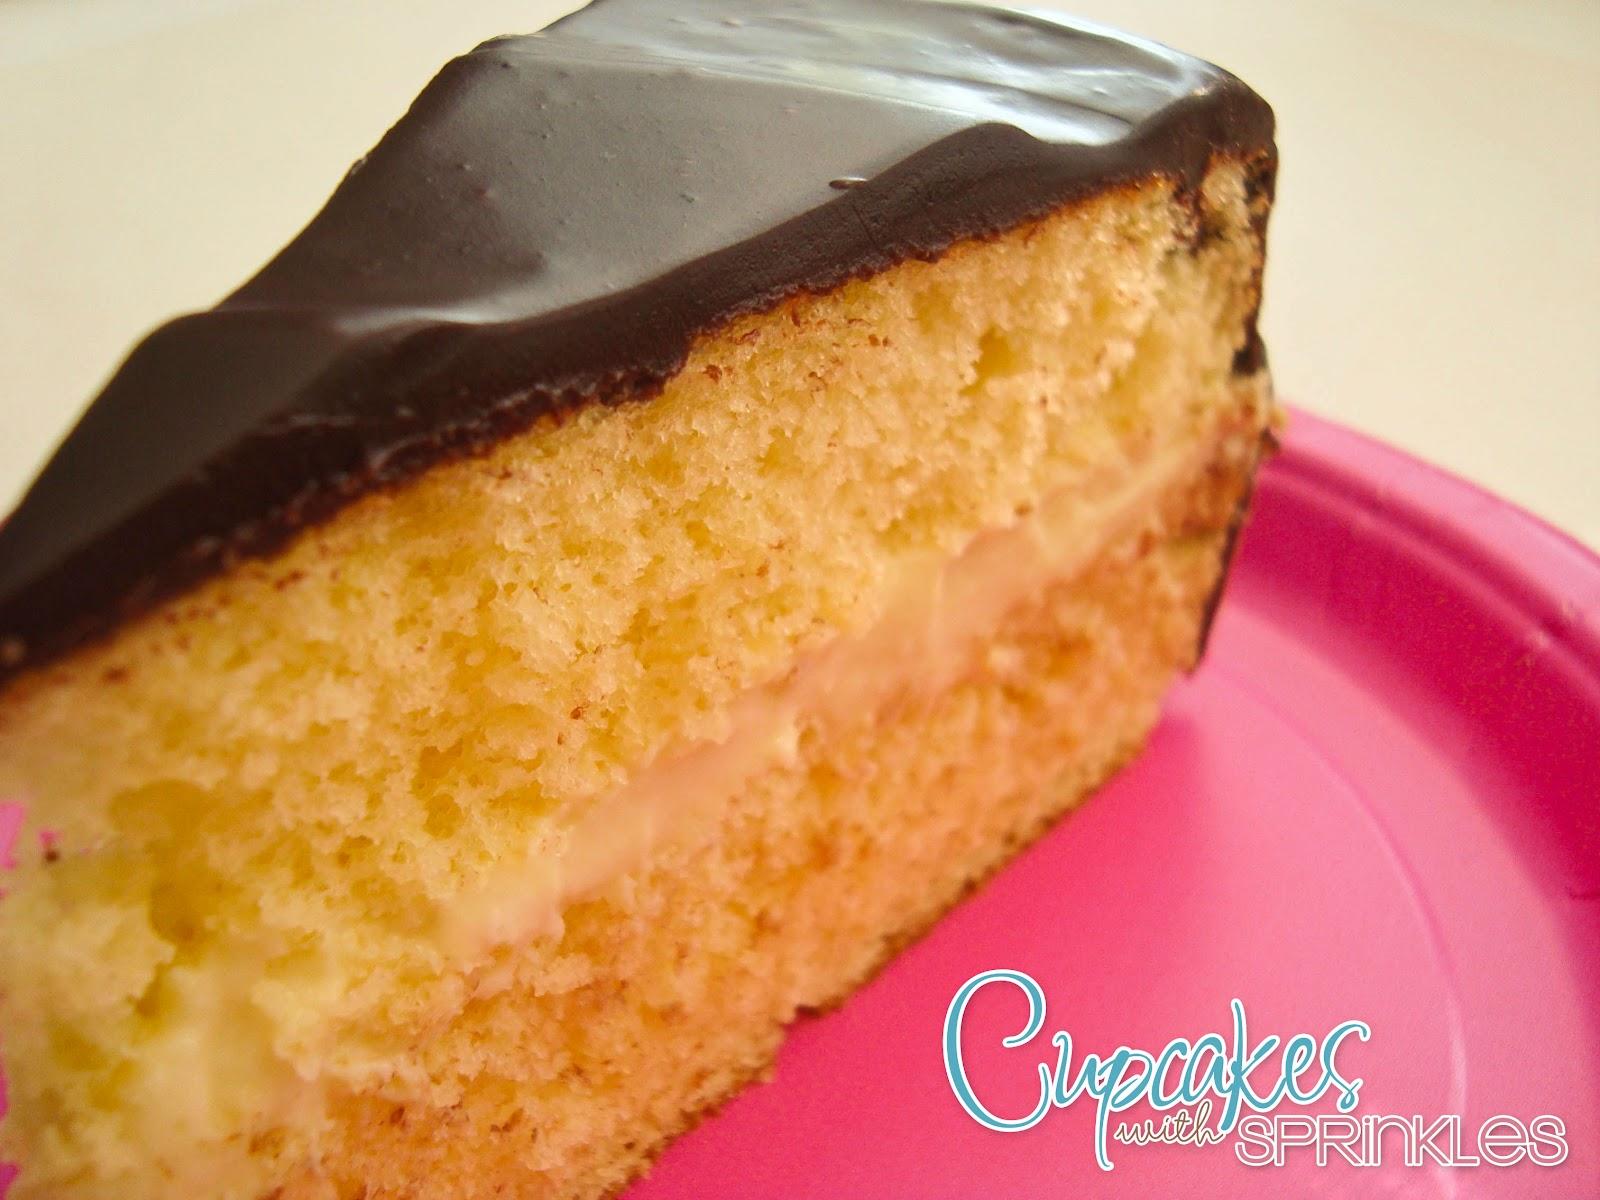 Cupcakes with Sprinkles: Boston Cream Pie